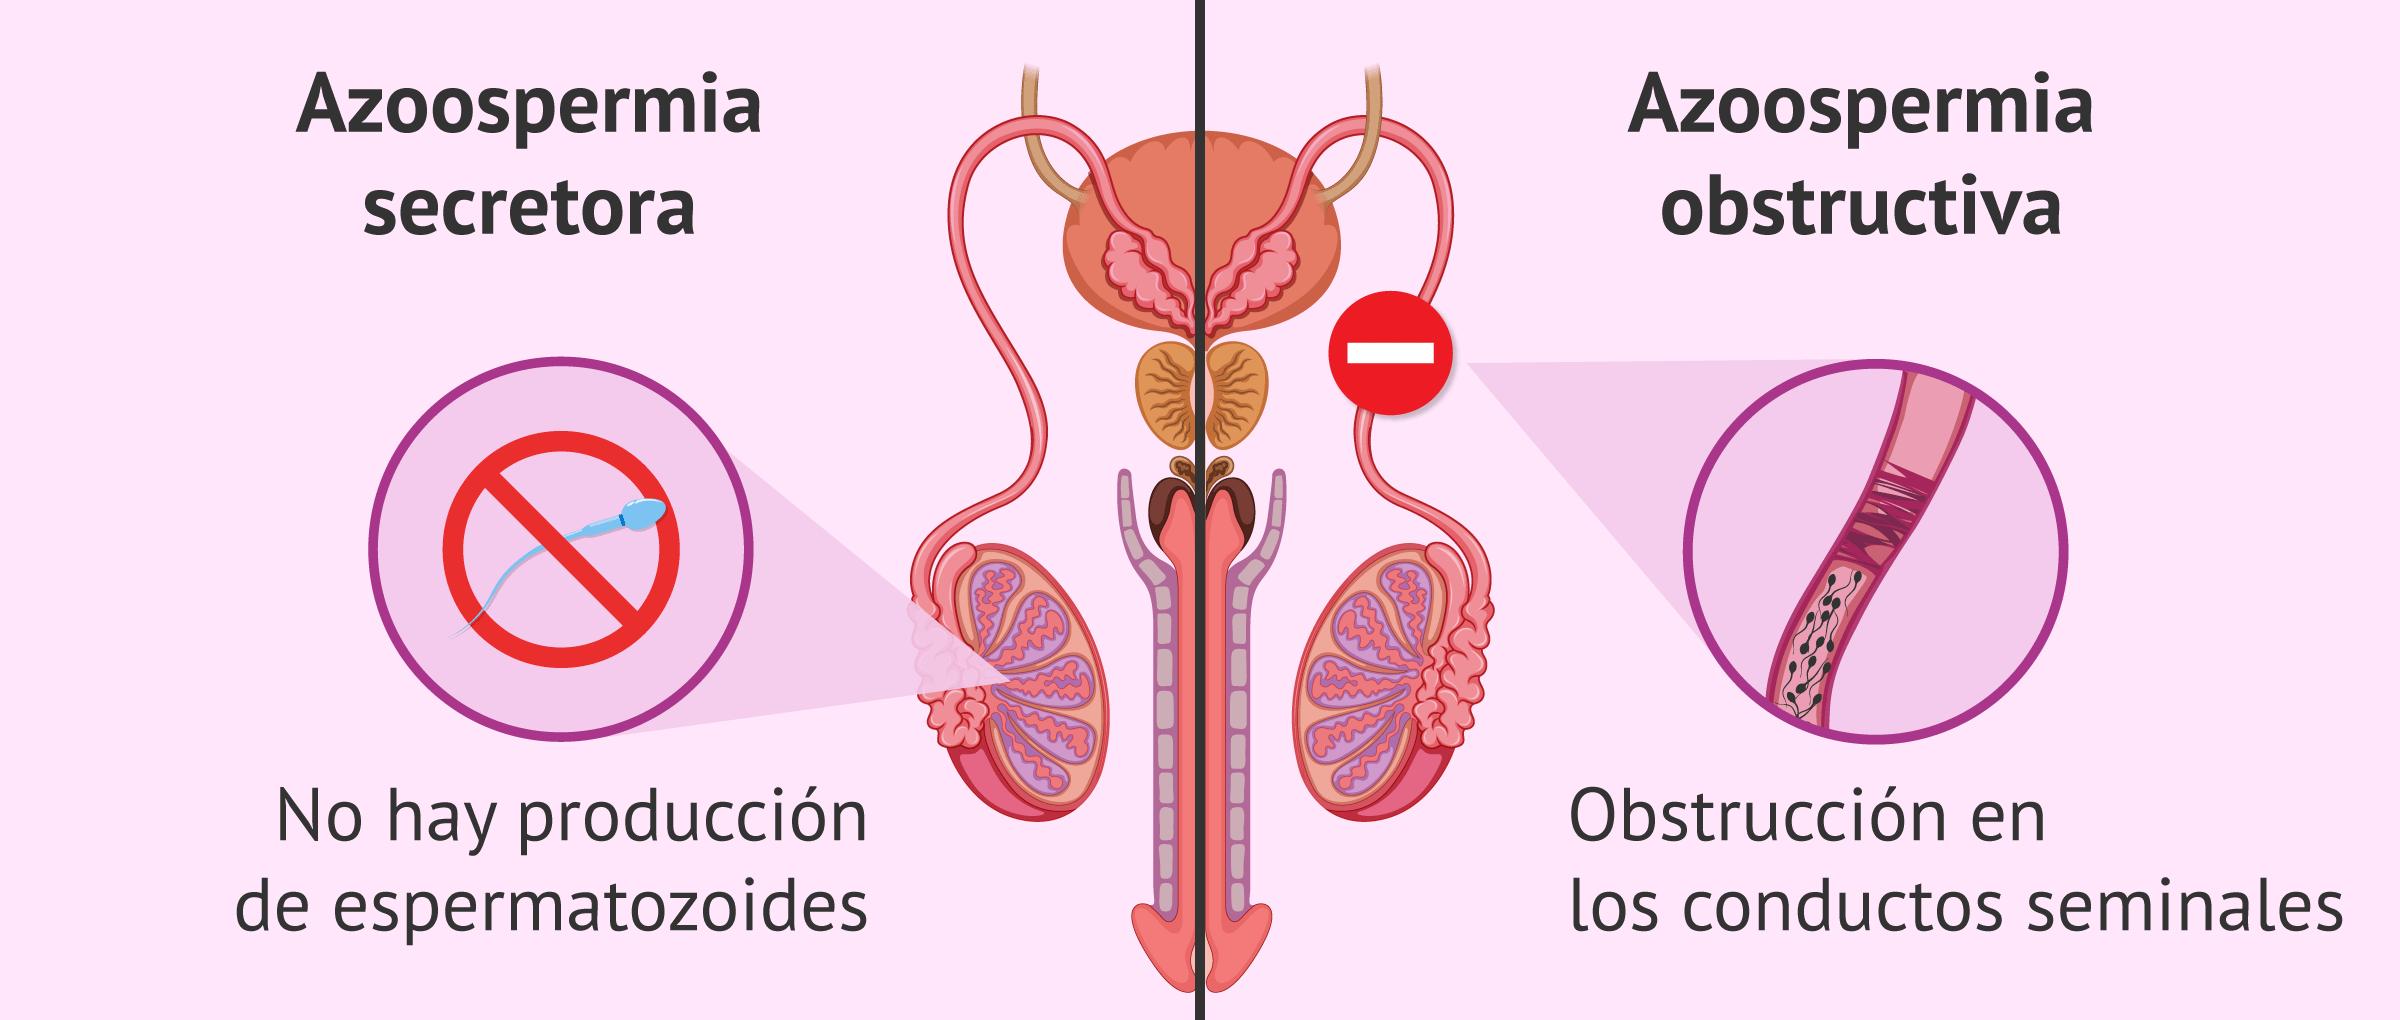 Diferencia entre los tipos de azoospermia